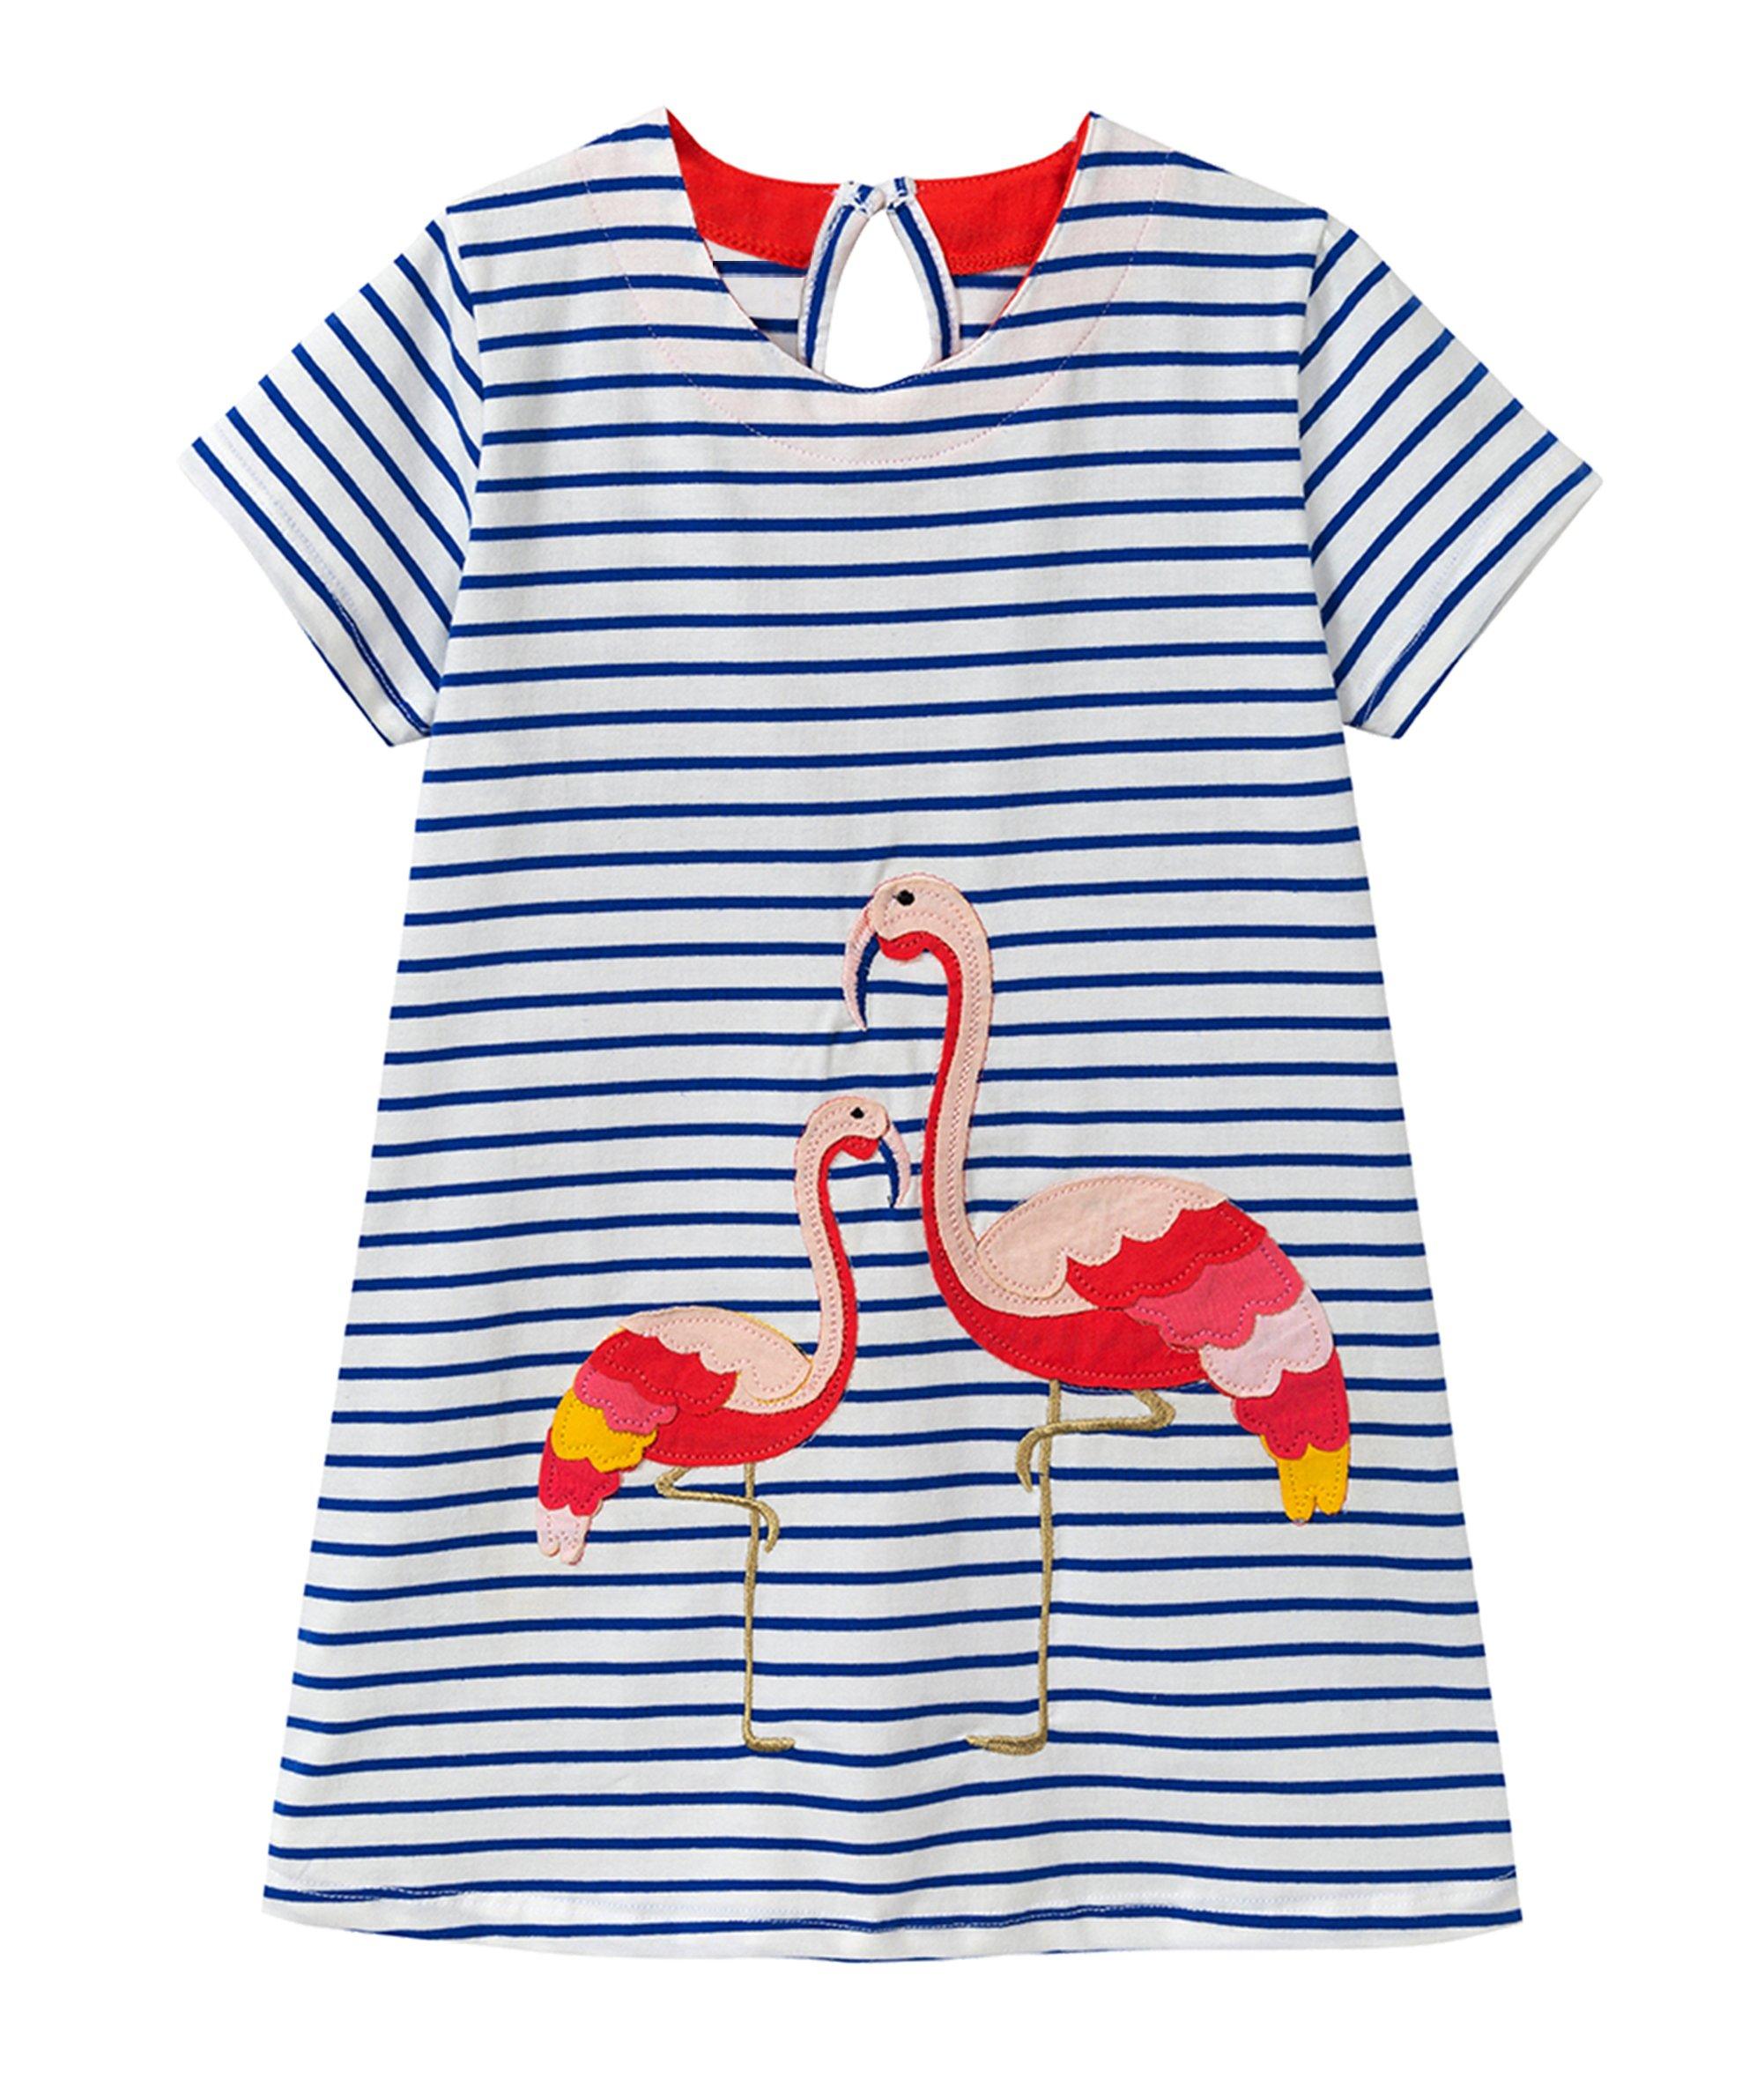 Eocom Little Girls Soft Summer Cotton Short Sleeve Dresses T-Shirt Casual Cartoon Dress for Kids (Flamingo, 5T)